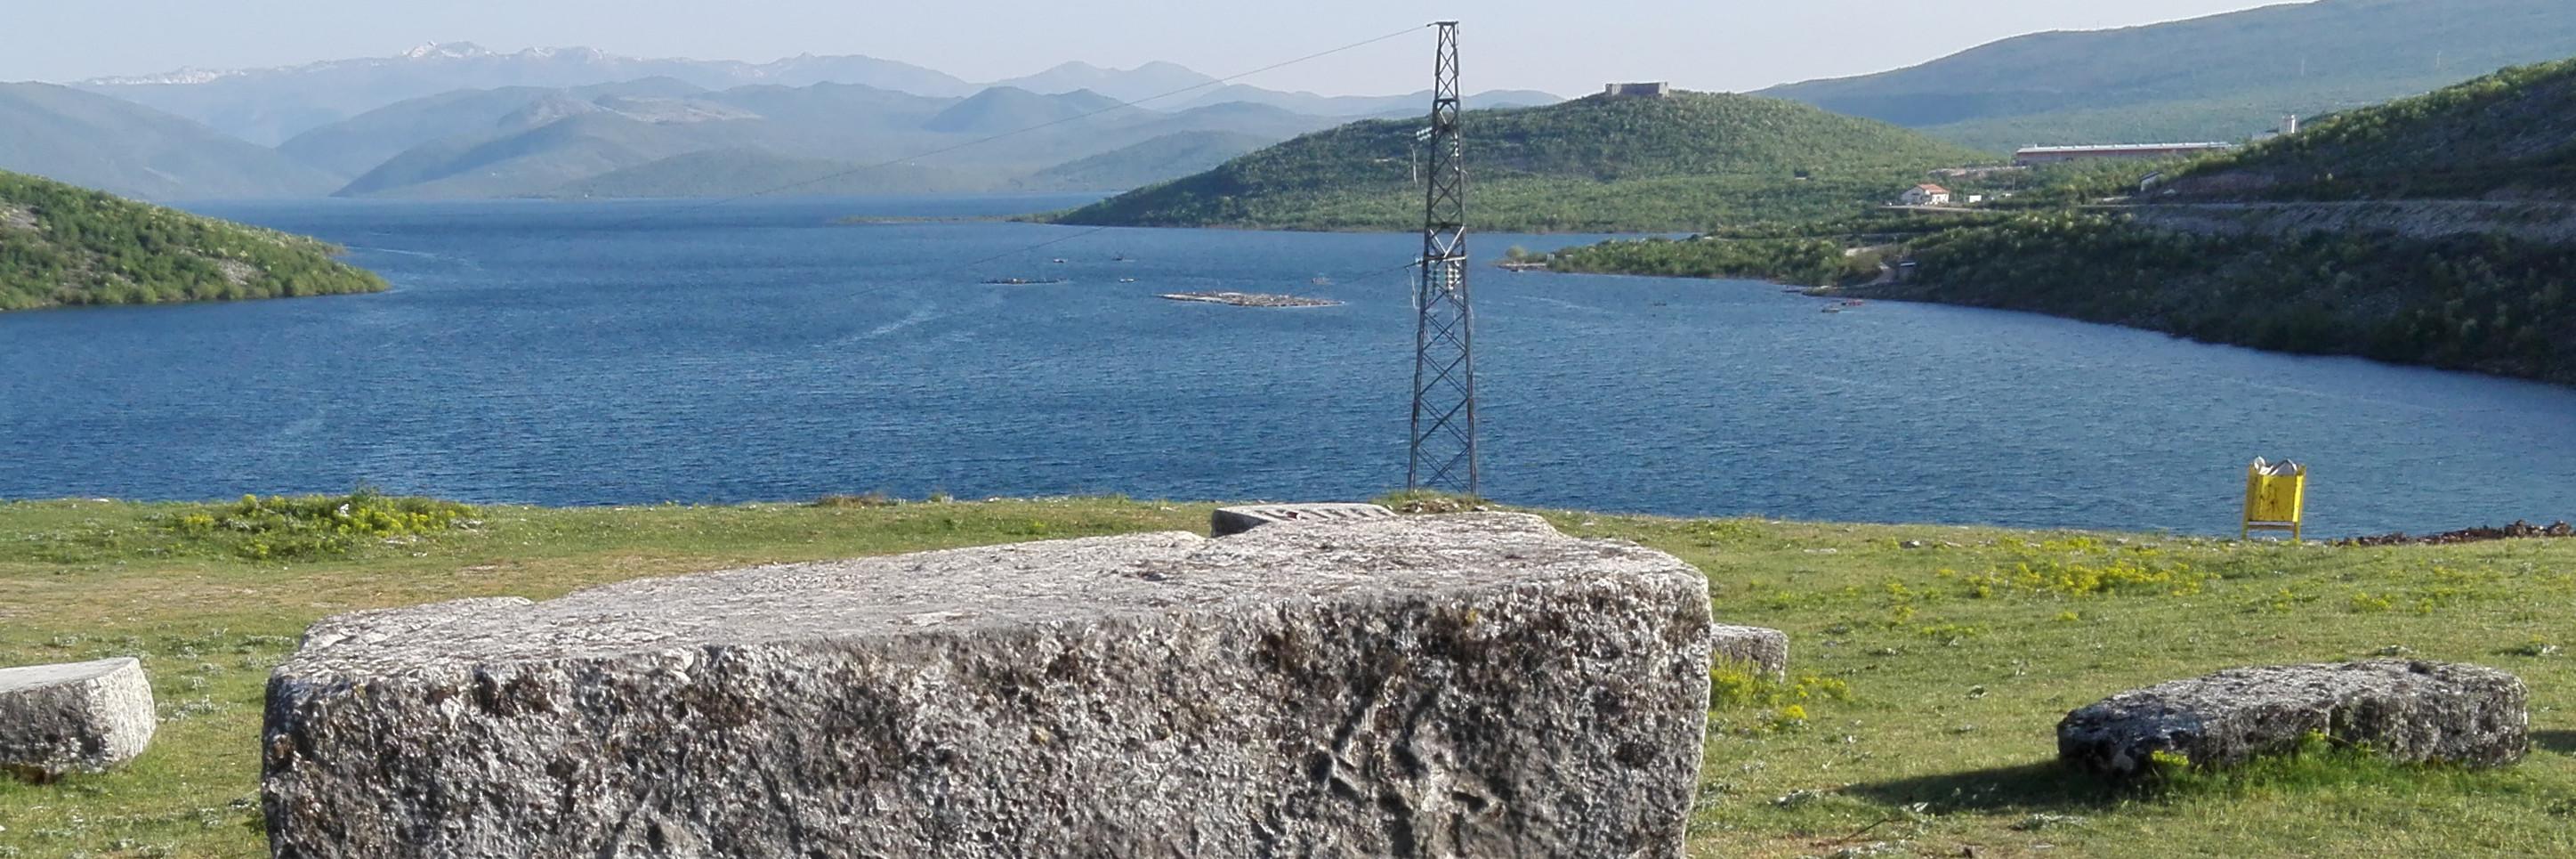 Билечское озеро